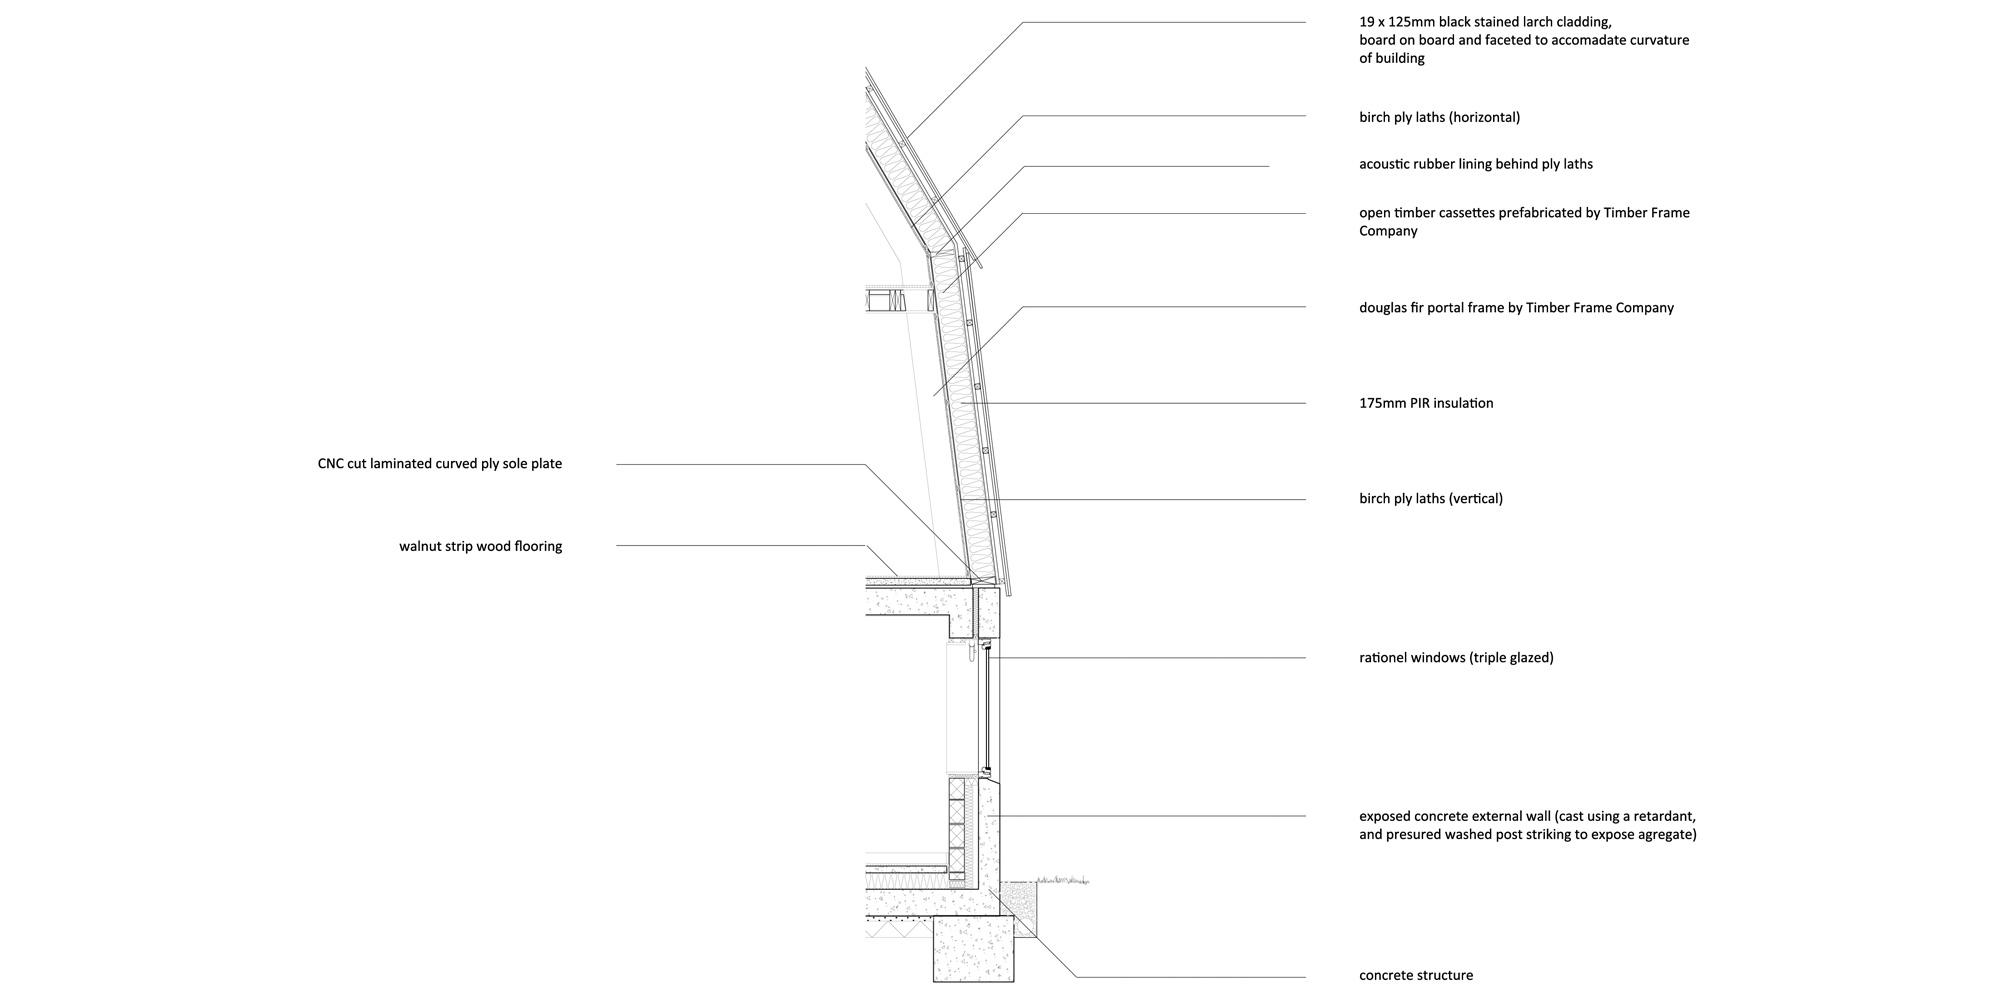 Dettaglio della facciata © Mole Architects